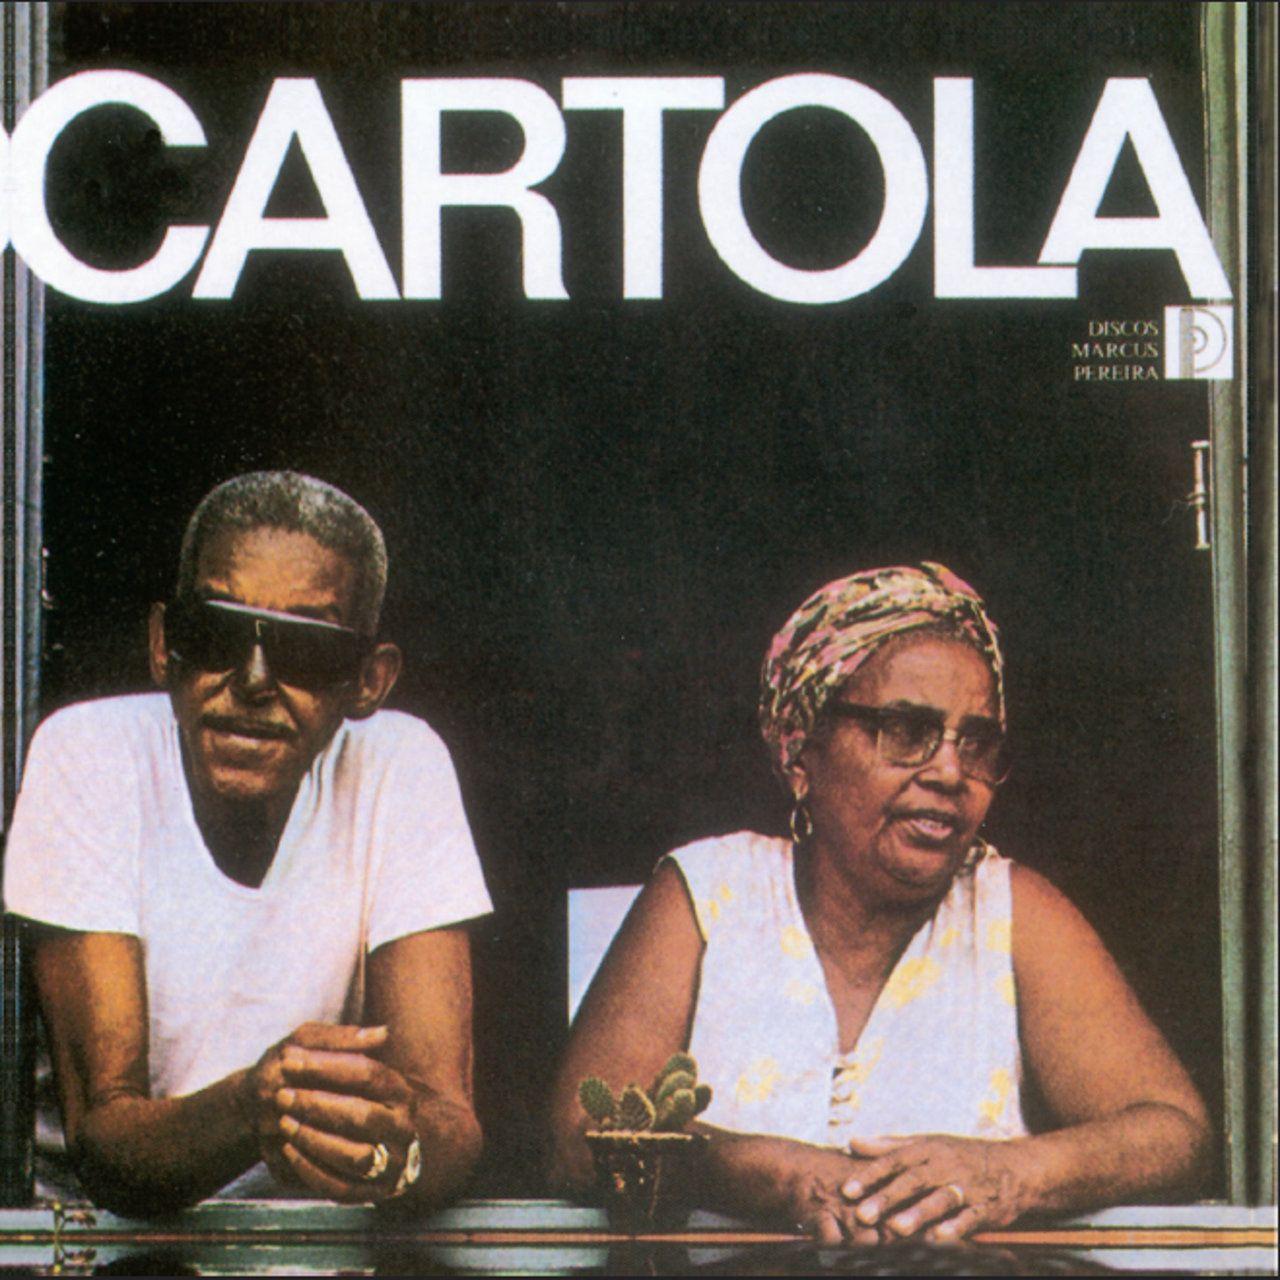 CARTOLA - Cartola